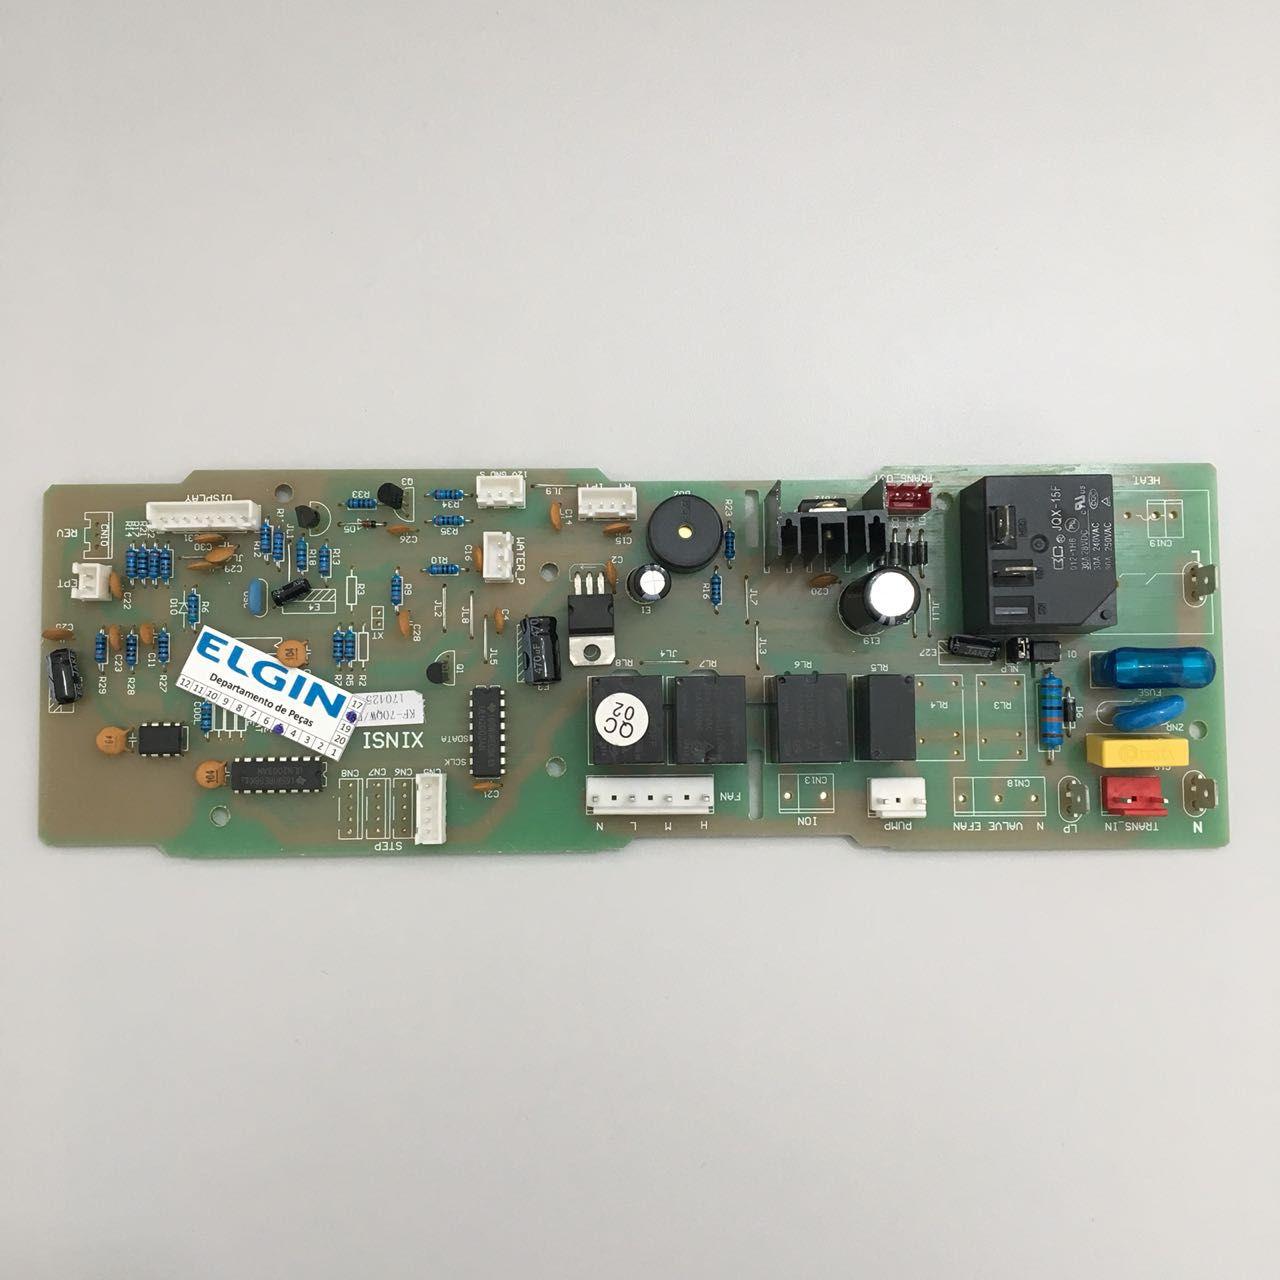 Placa Eletrônica Evaporadora Cassete Elgin KBFI 24.000 36.000 48.000 Btus